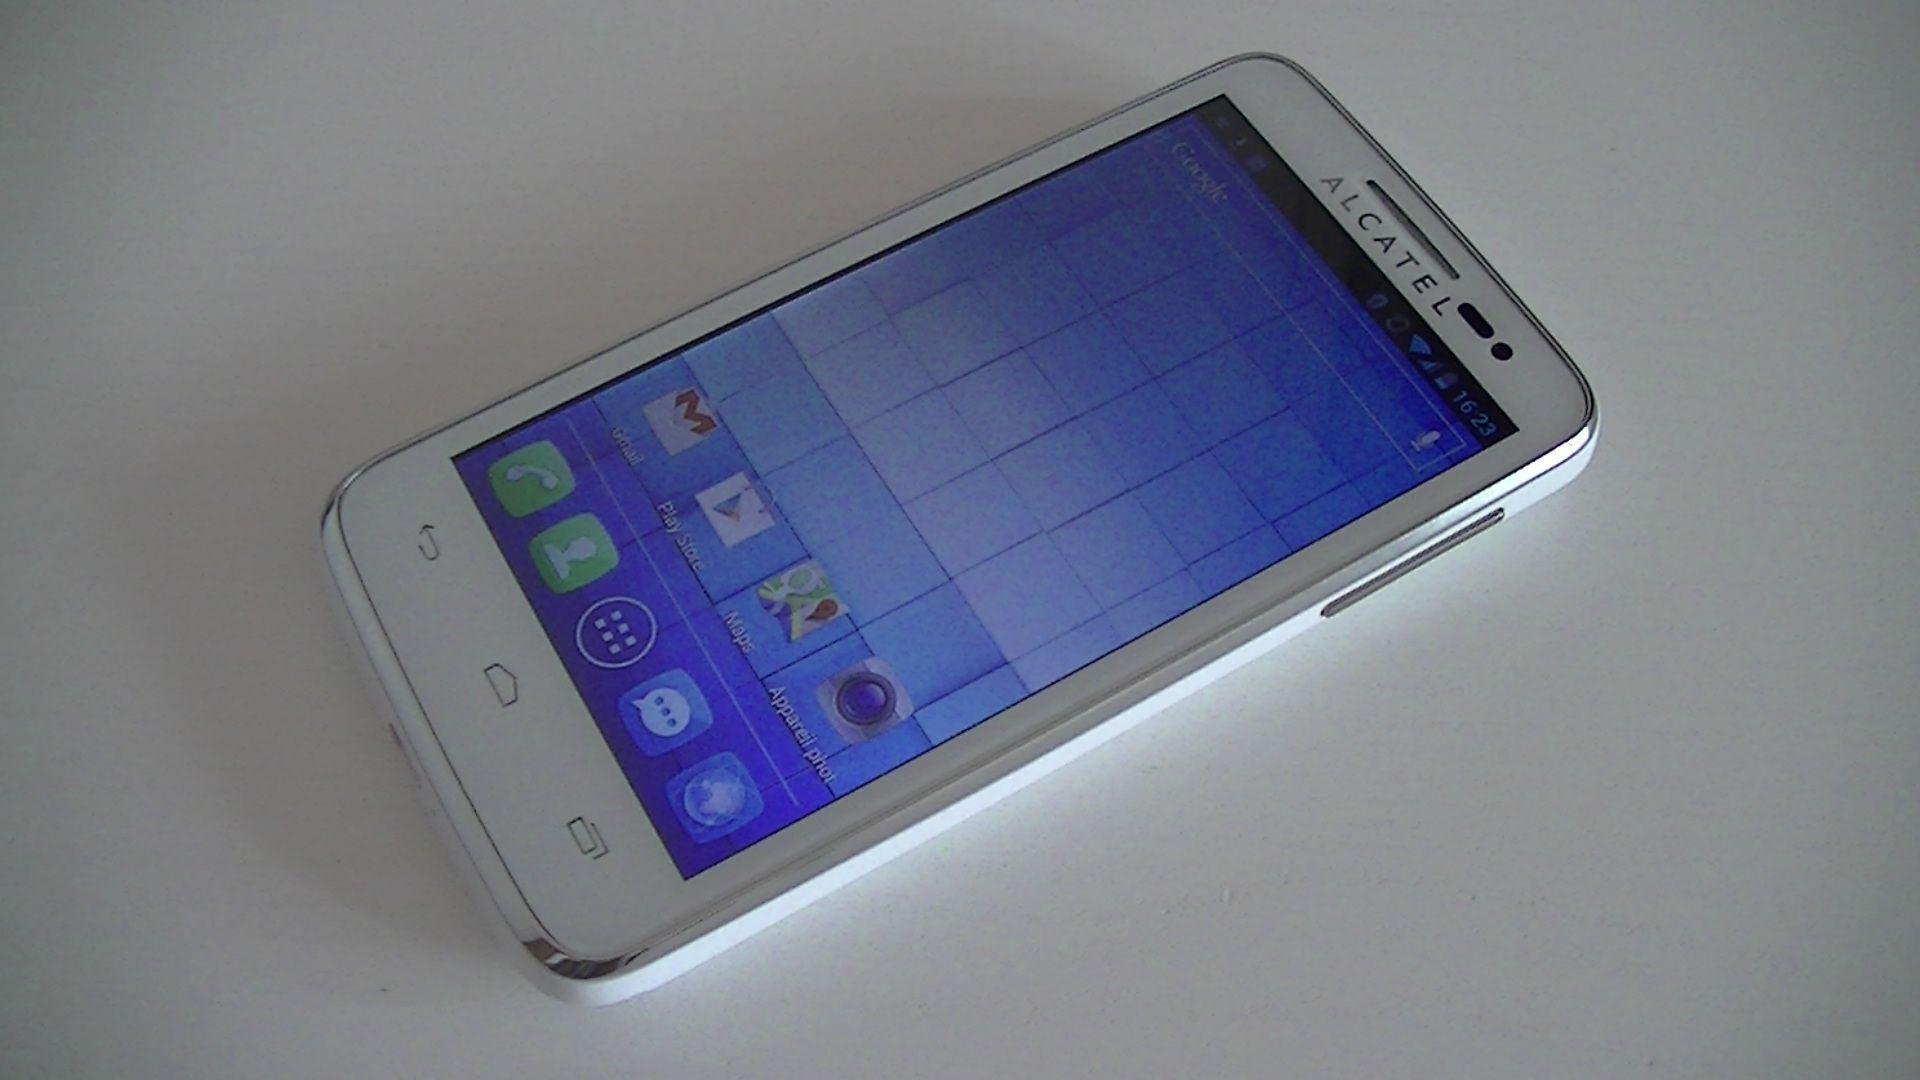 Alcatel 1080p picture